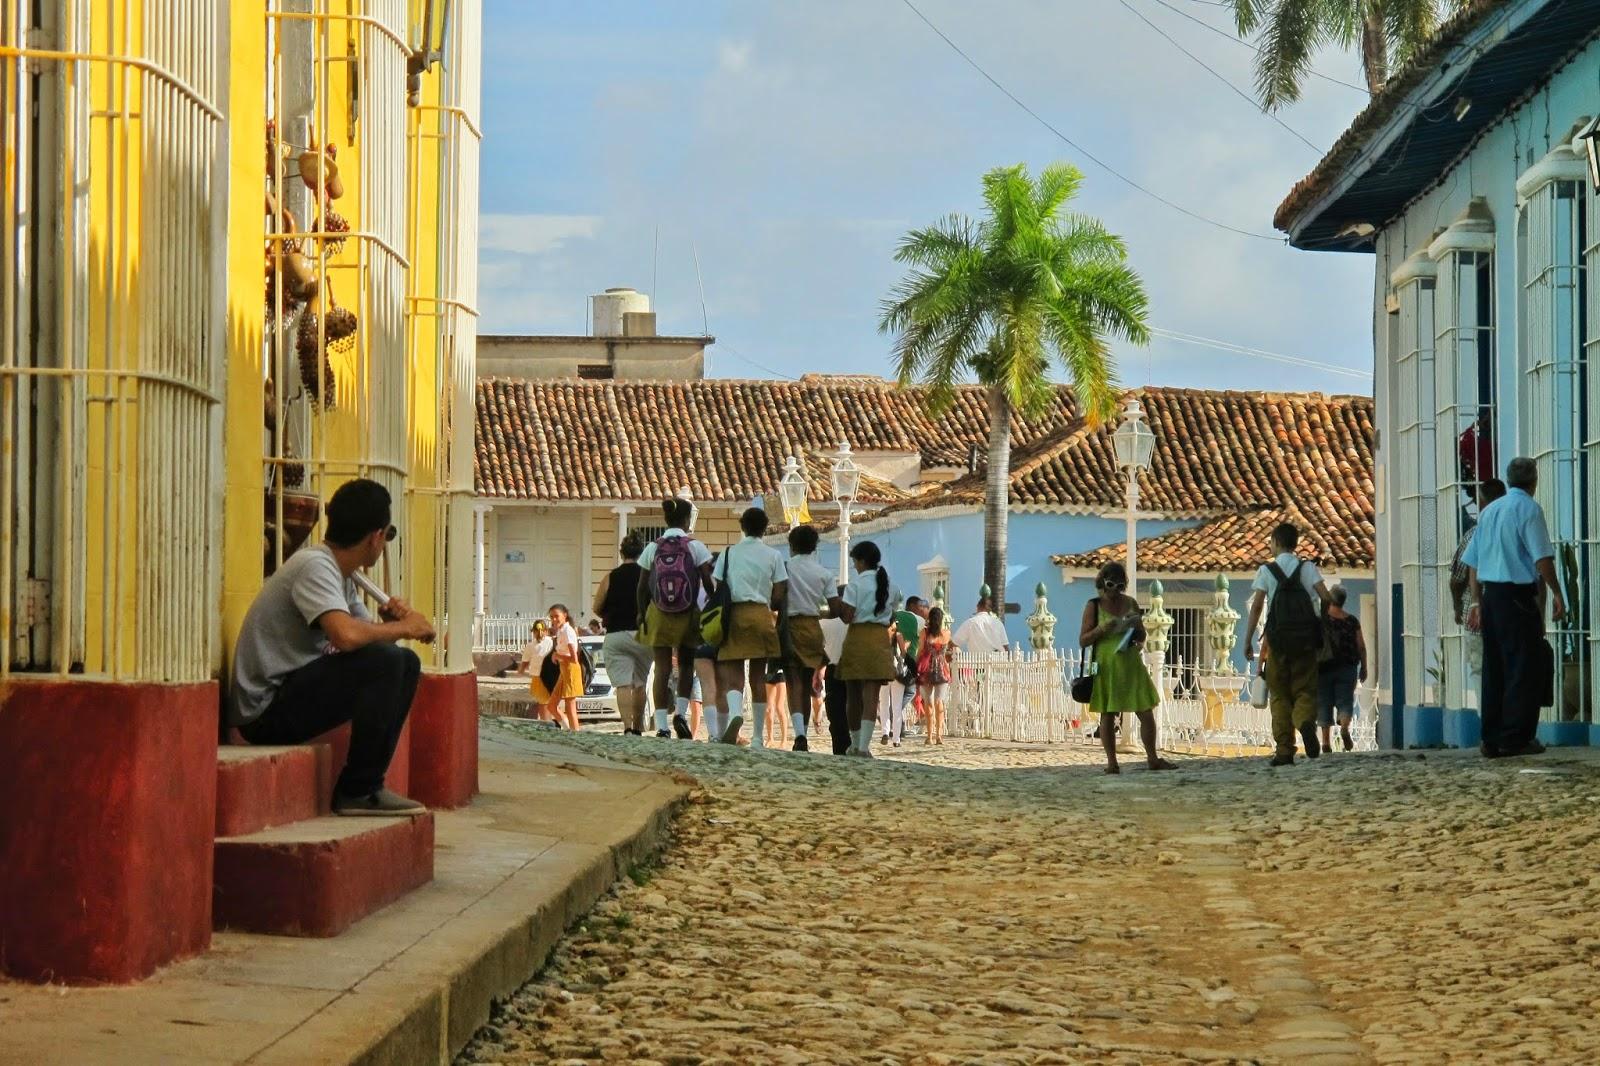 Crianças nas ruas do Centro histórico de Trinidad, em Cuba.